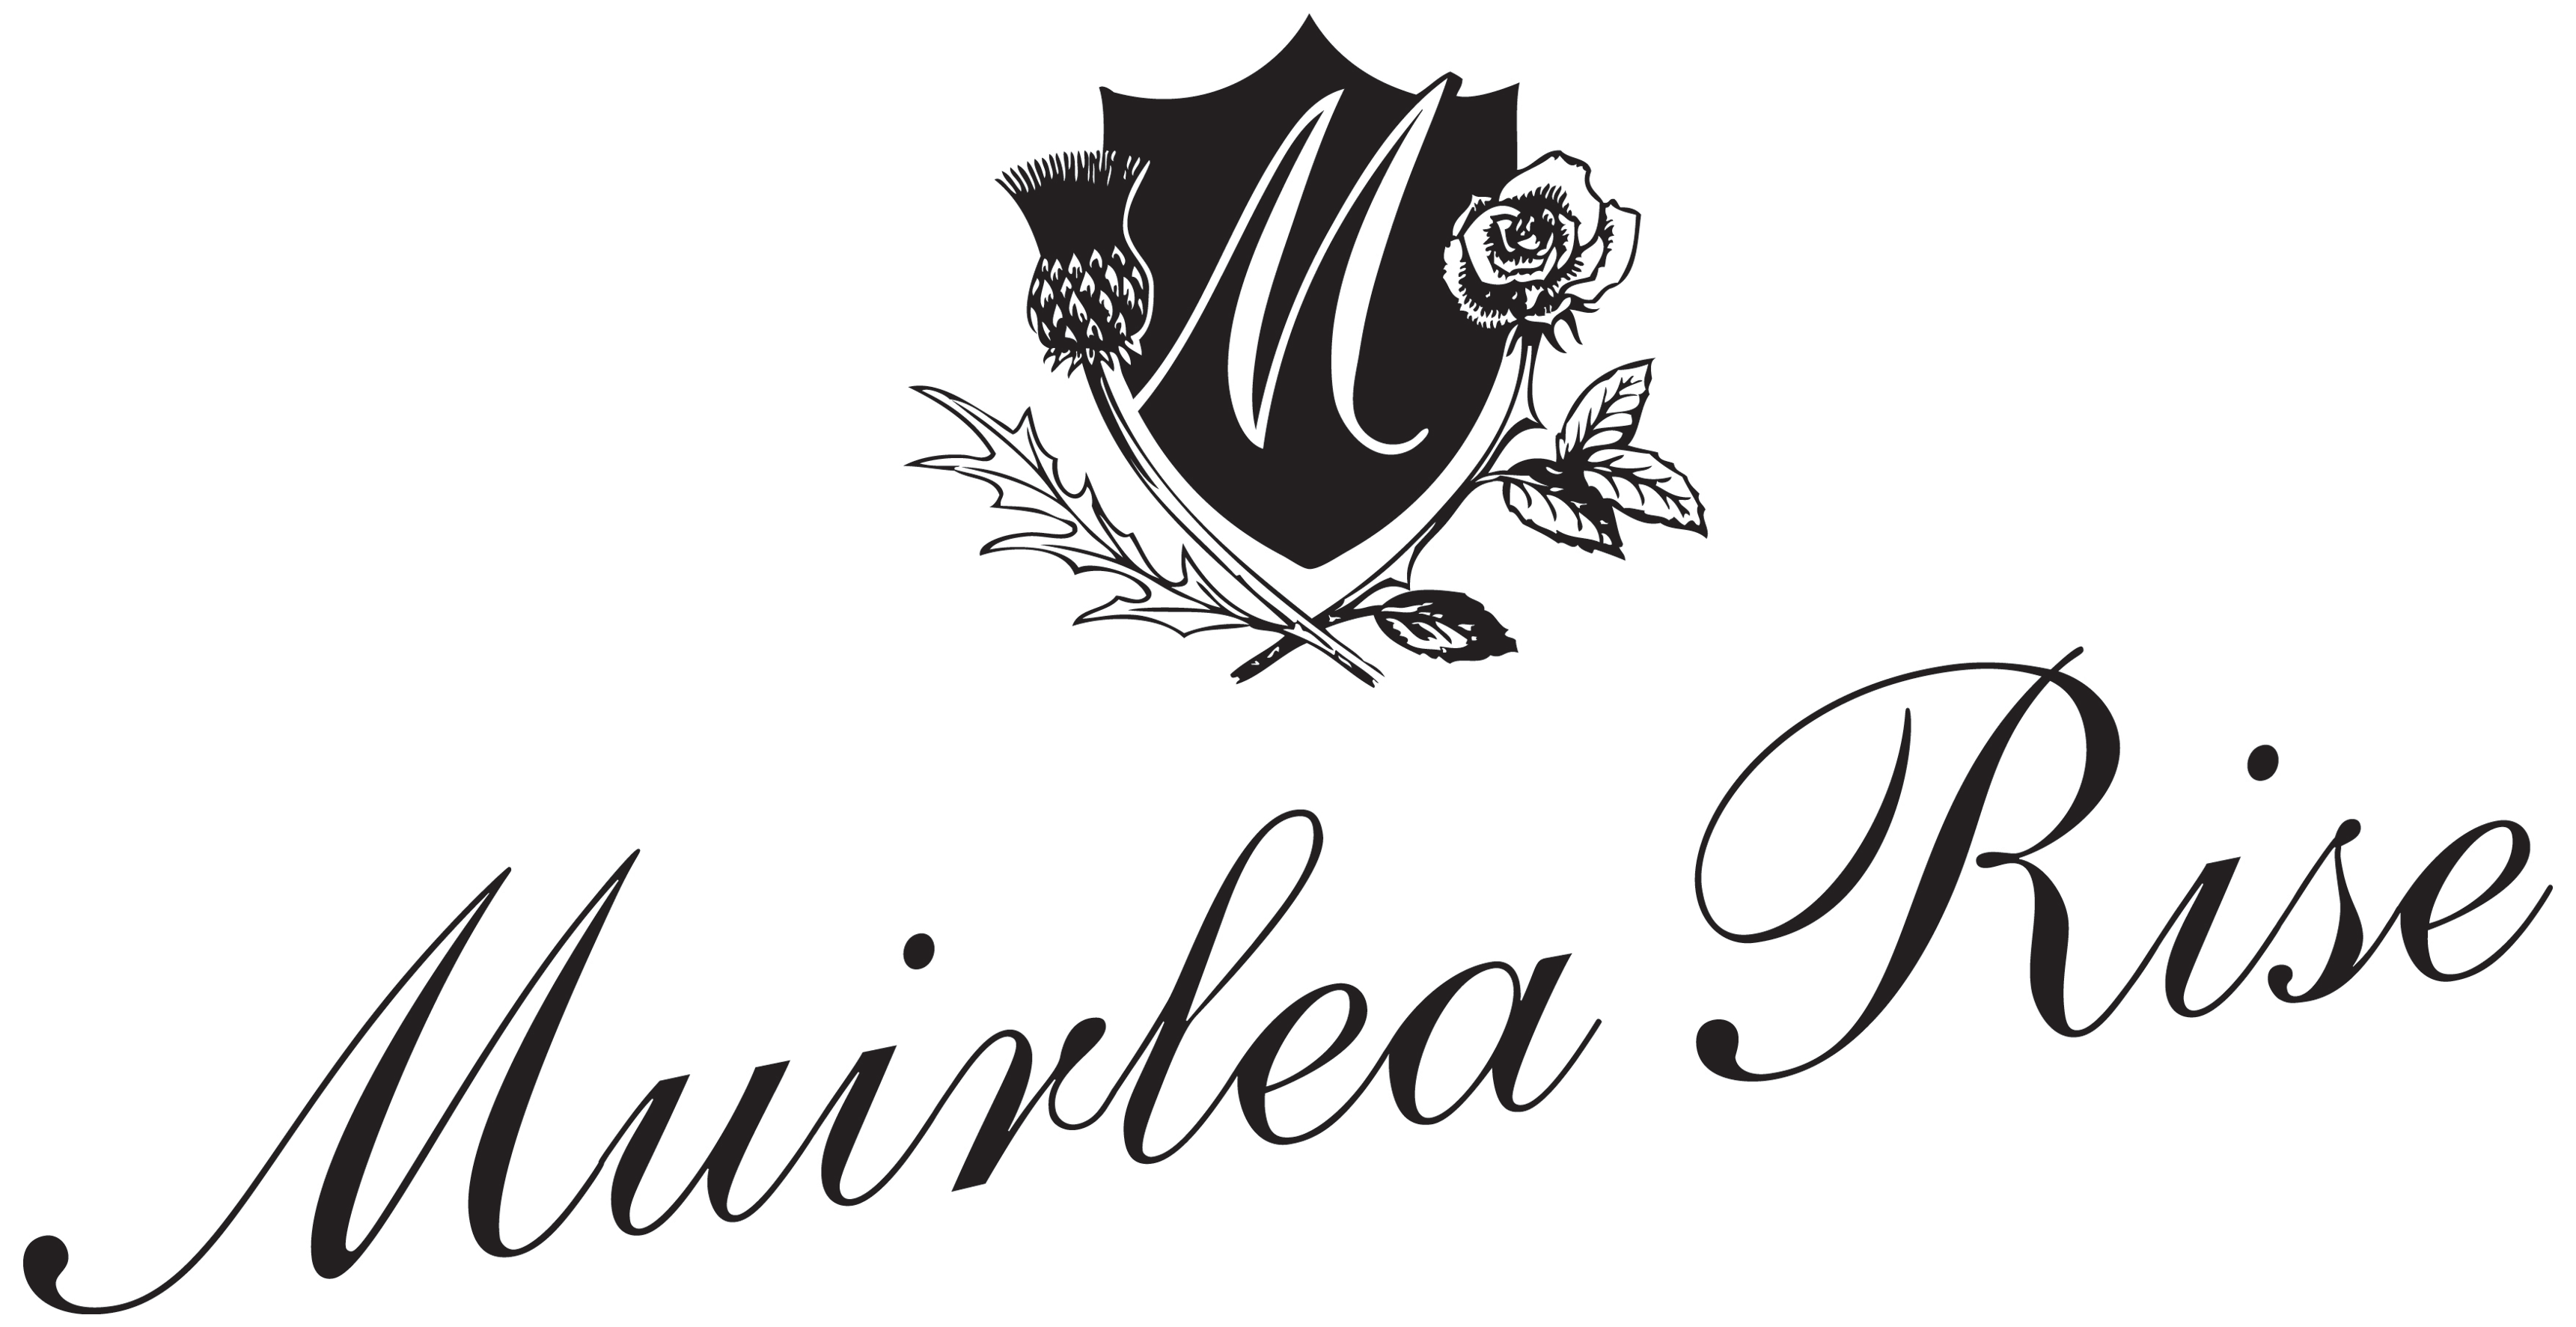 Muirlea Rise, Wairarapa